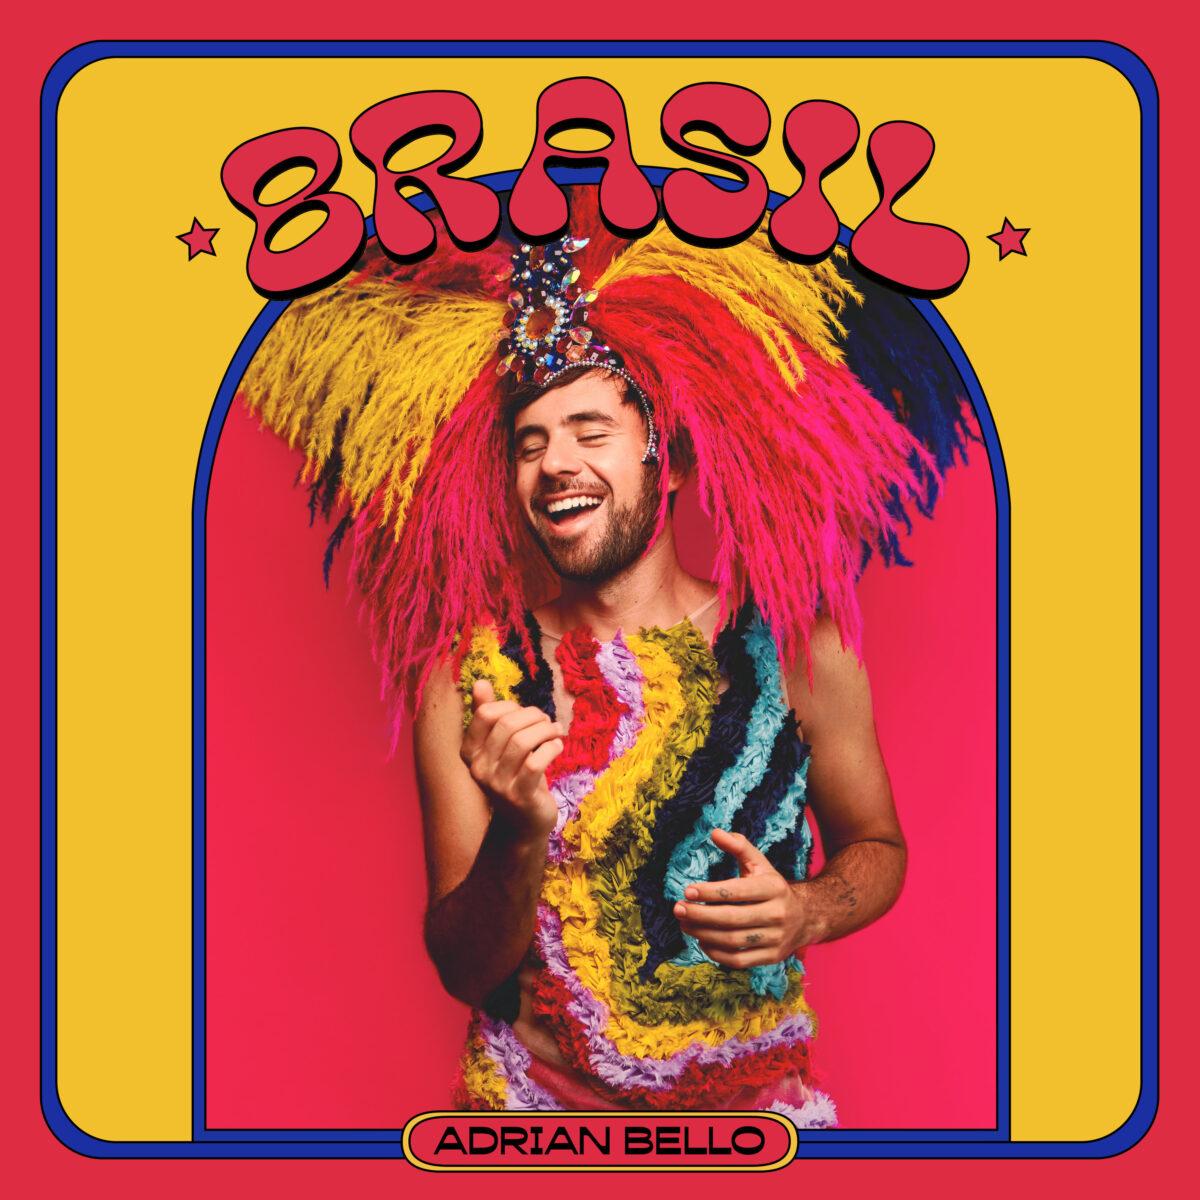 adrian bello el artista y compositor peruano presenta brasil unnamed 2